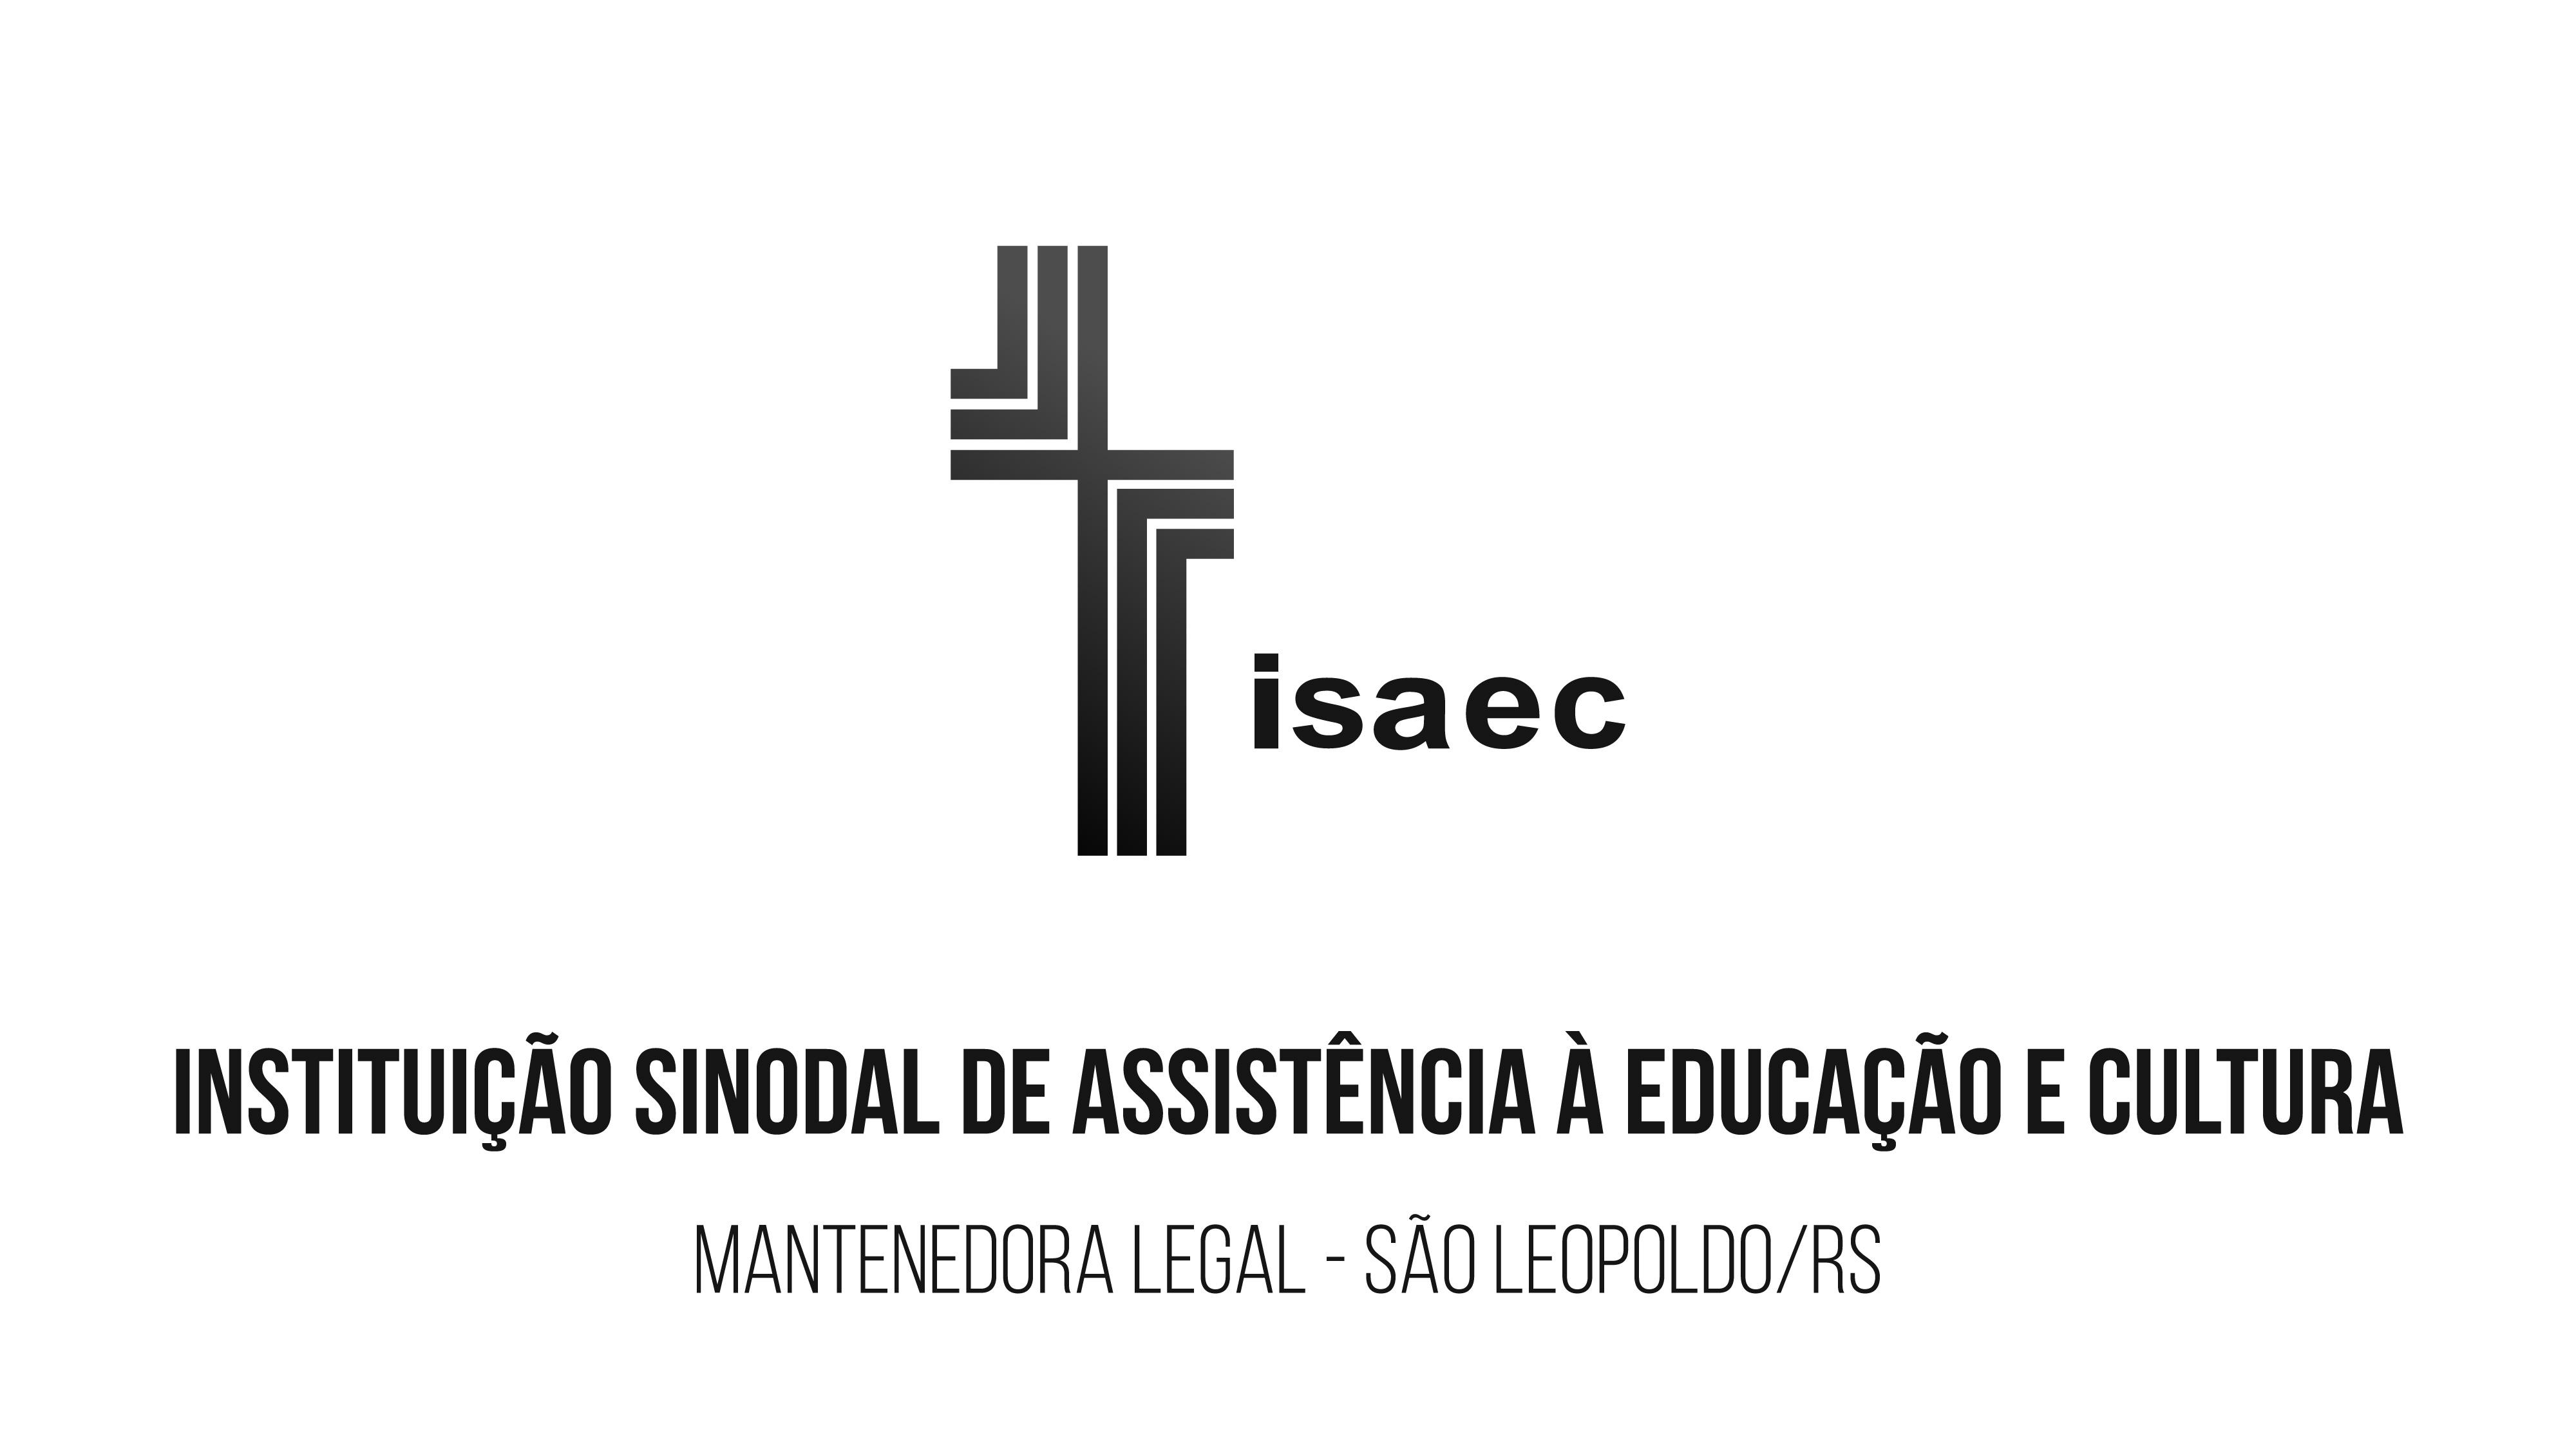 Instituição Sinodal de Assistência Educação e Cultura